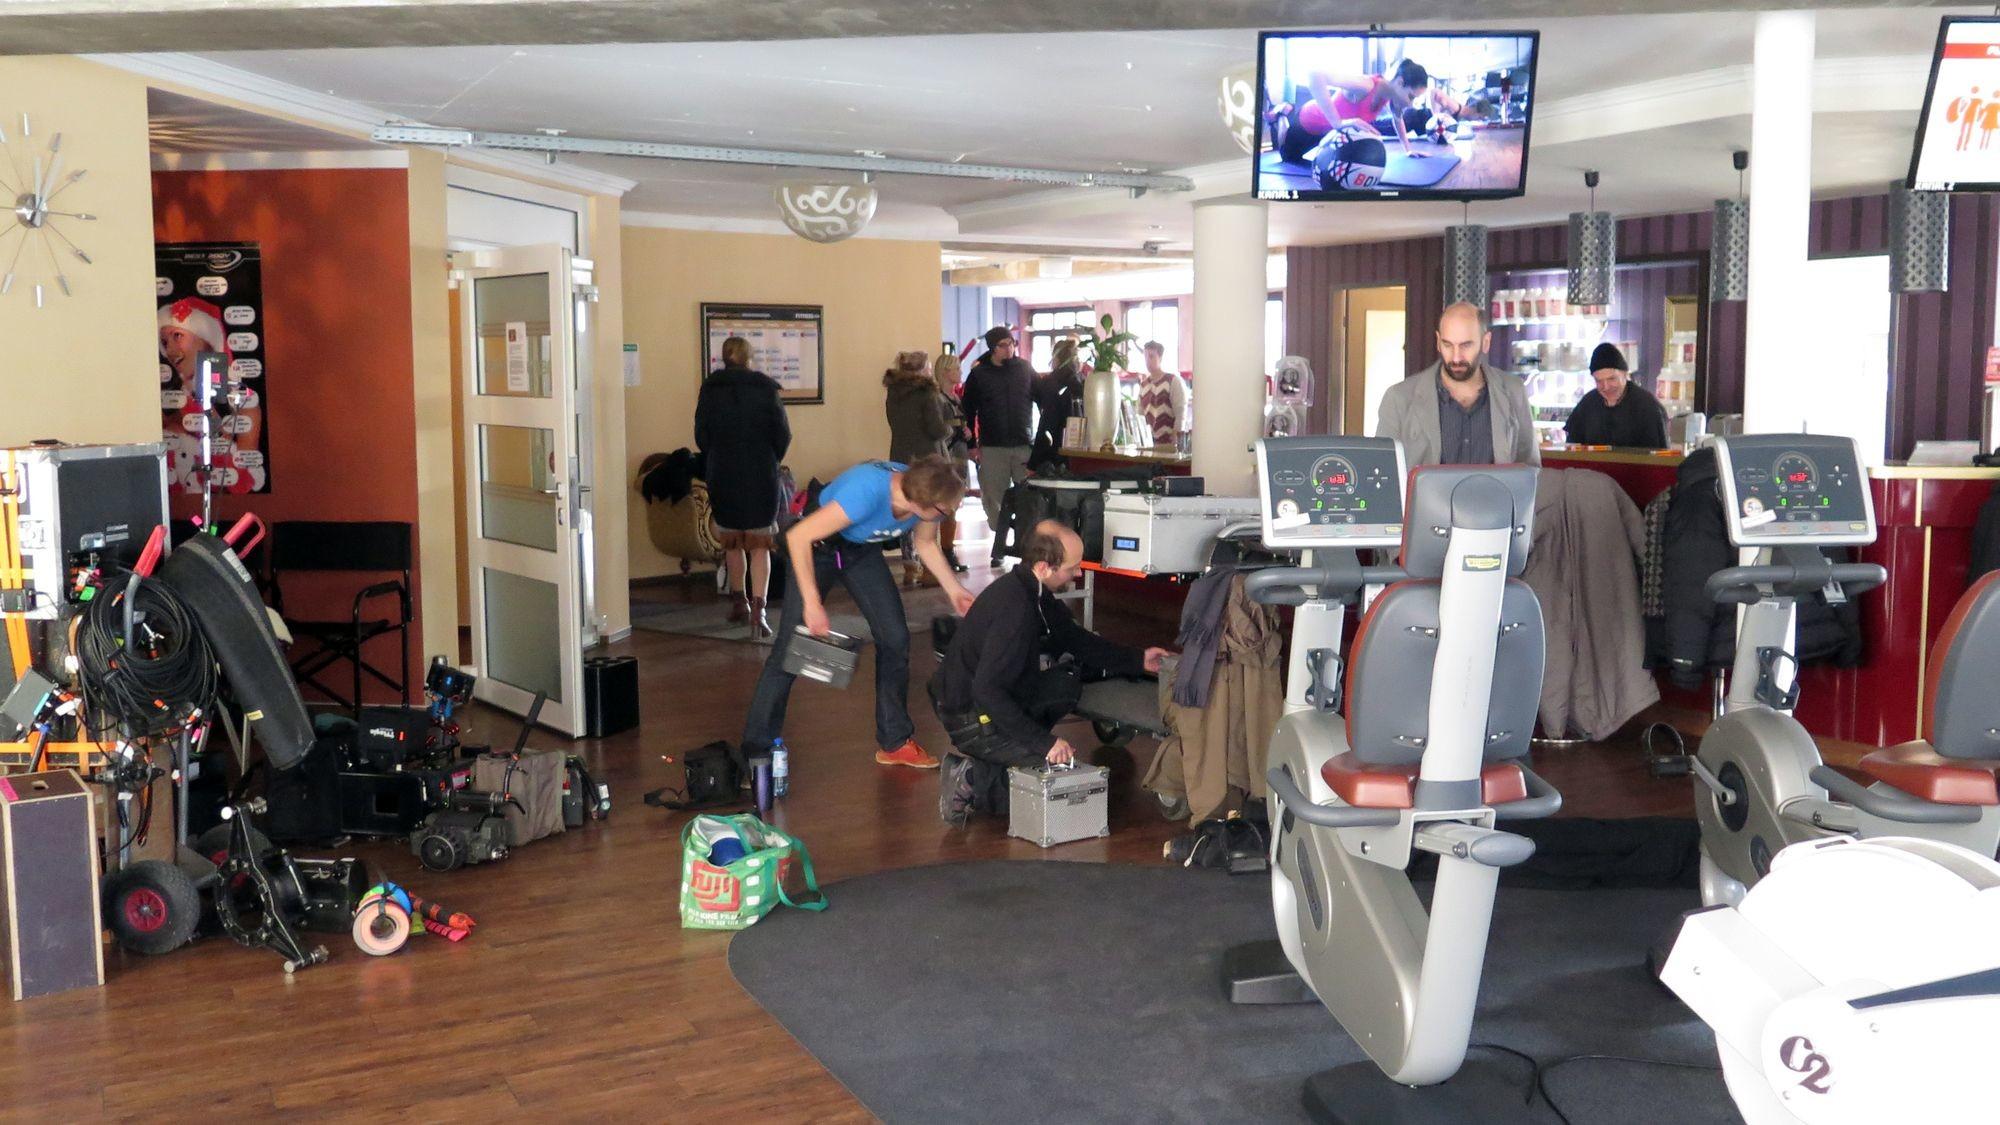 Dreharbeiten zum Tatort im New York Fitness